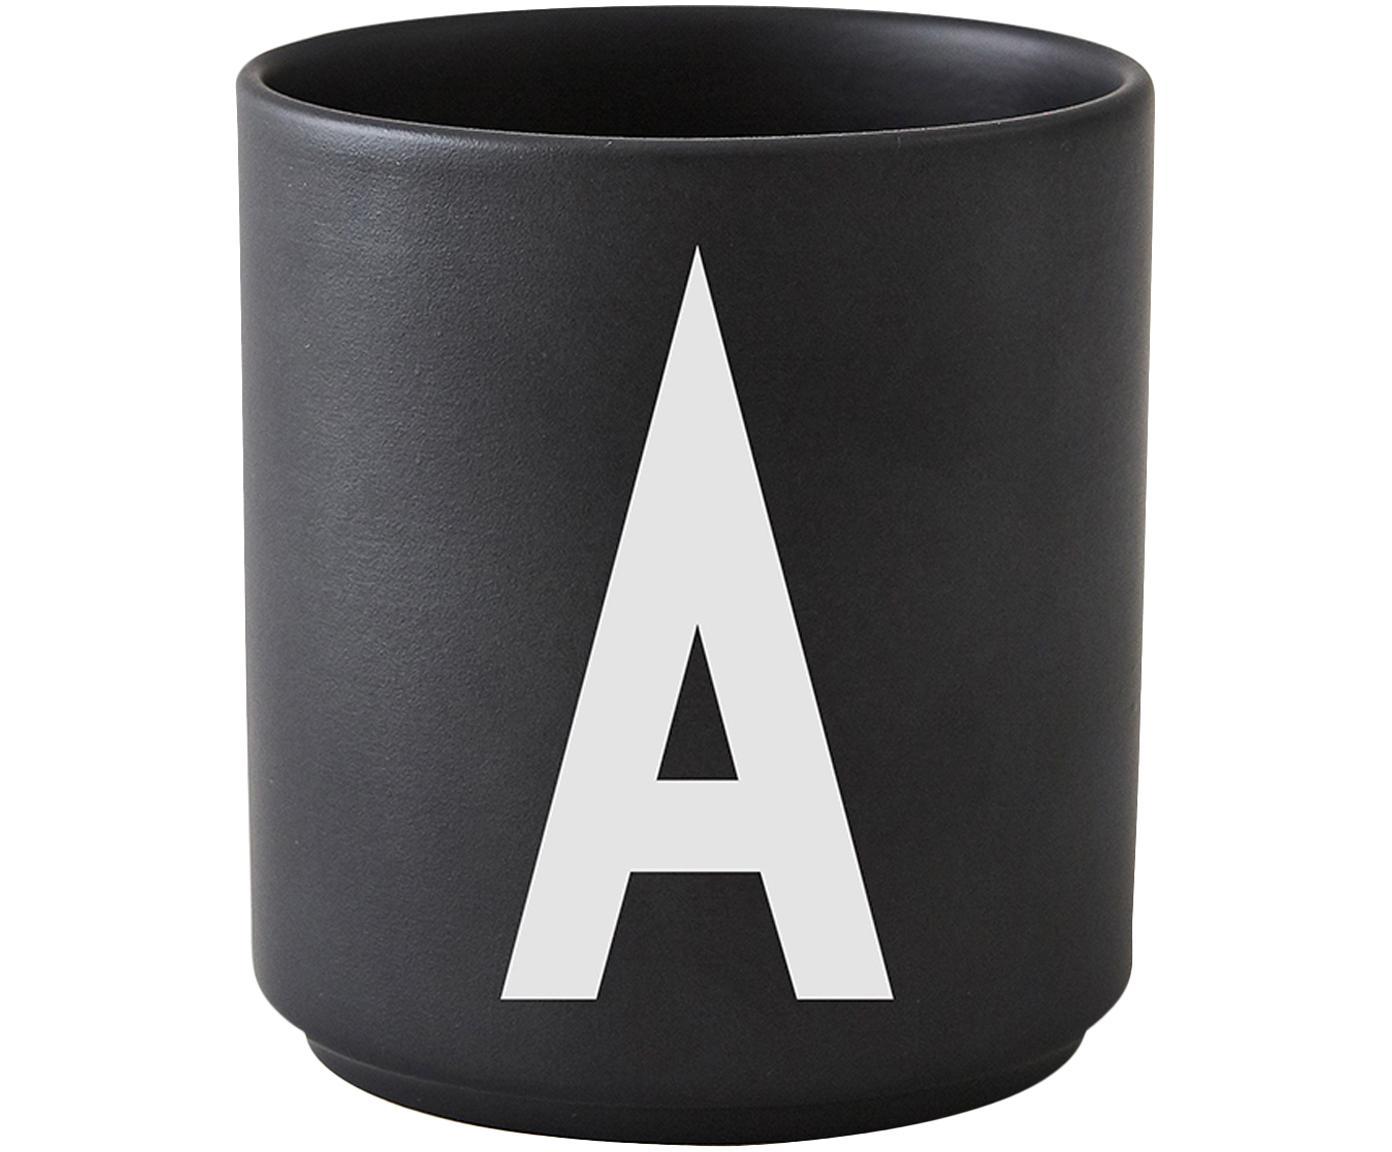 Beker Personal (varianten van A tot Z), Fine Bone China, Mat zwart, wit, Ø 8 x H 9 cm